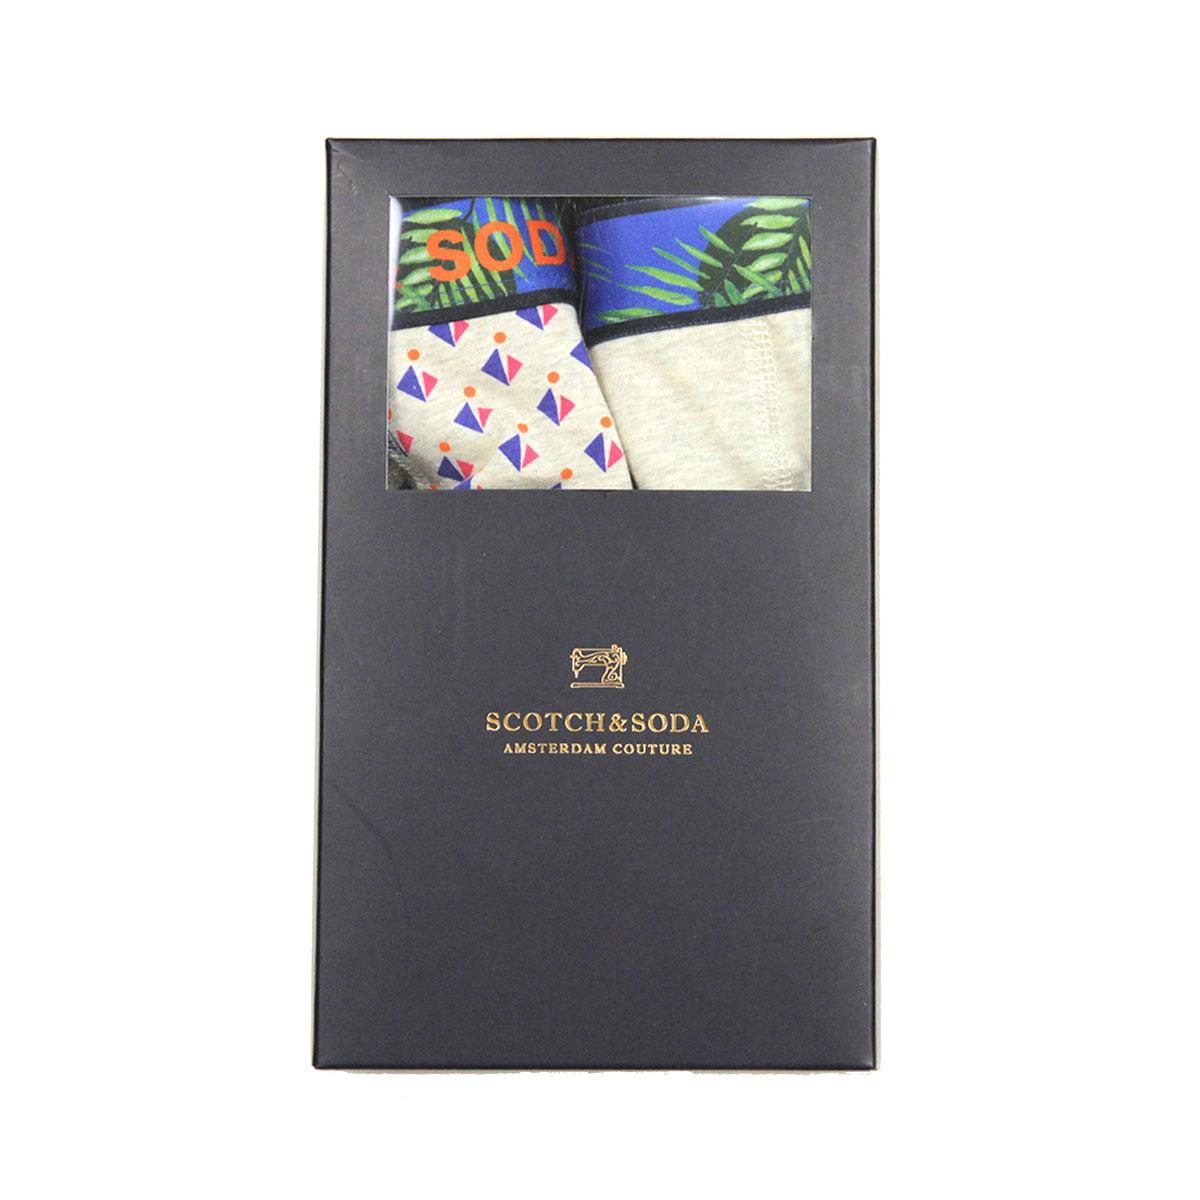 スコッチアンドソーダ ボクサーパンツ メンズ 正規販売店 SCOTCH&SODA 下着 2枚組 SUMMER BOXER SHORT 2-PACK 154434 0217 19909 39 COMBO A